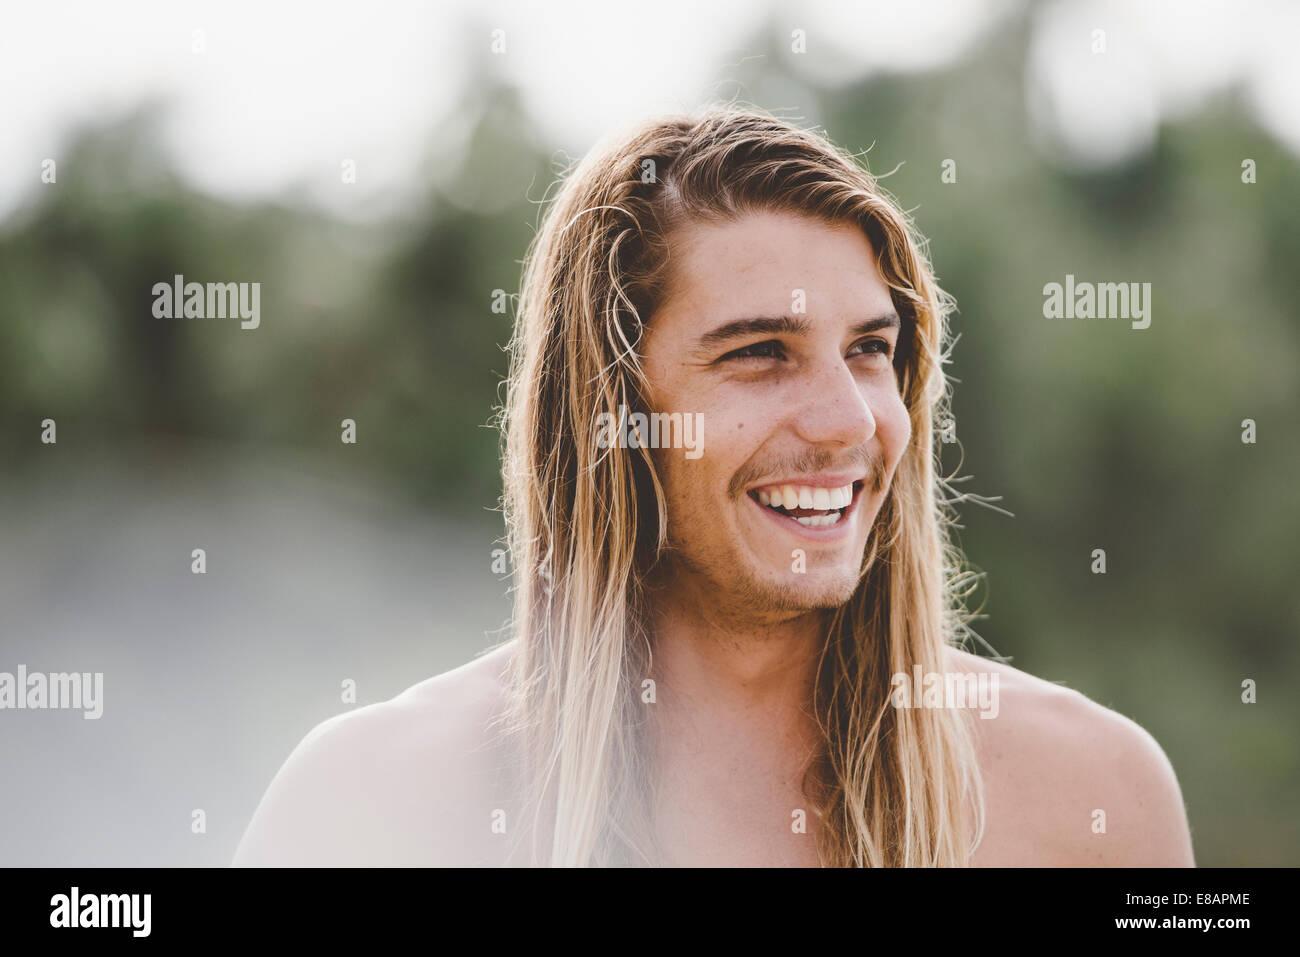 Mann in langen Haaren mit breiten Lächeln Stockbild